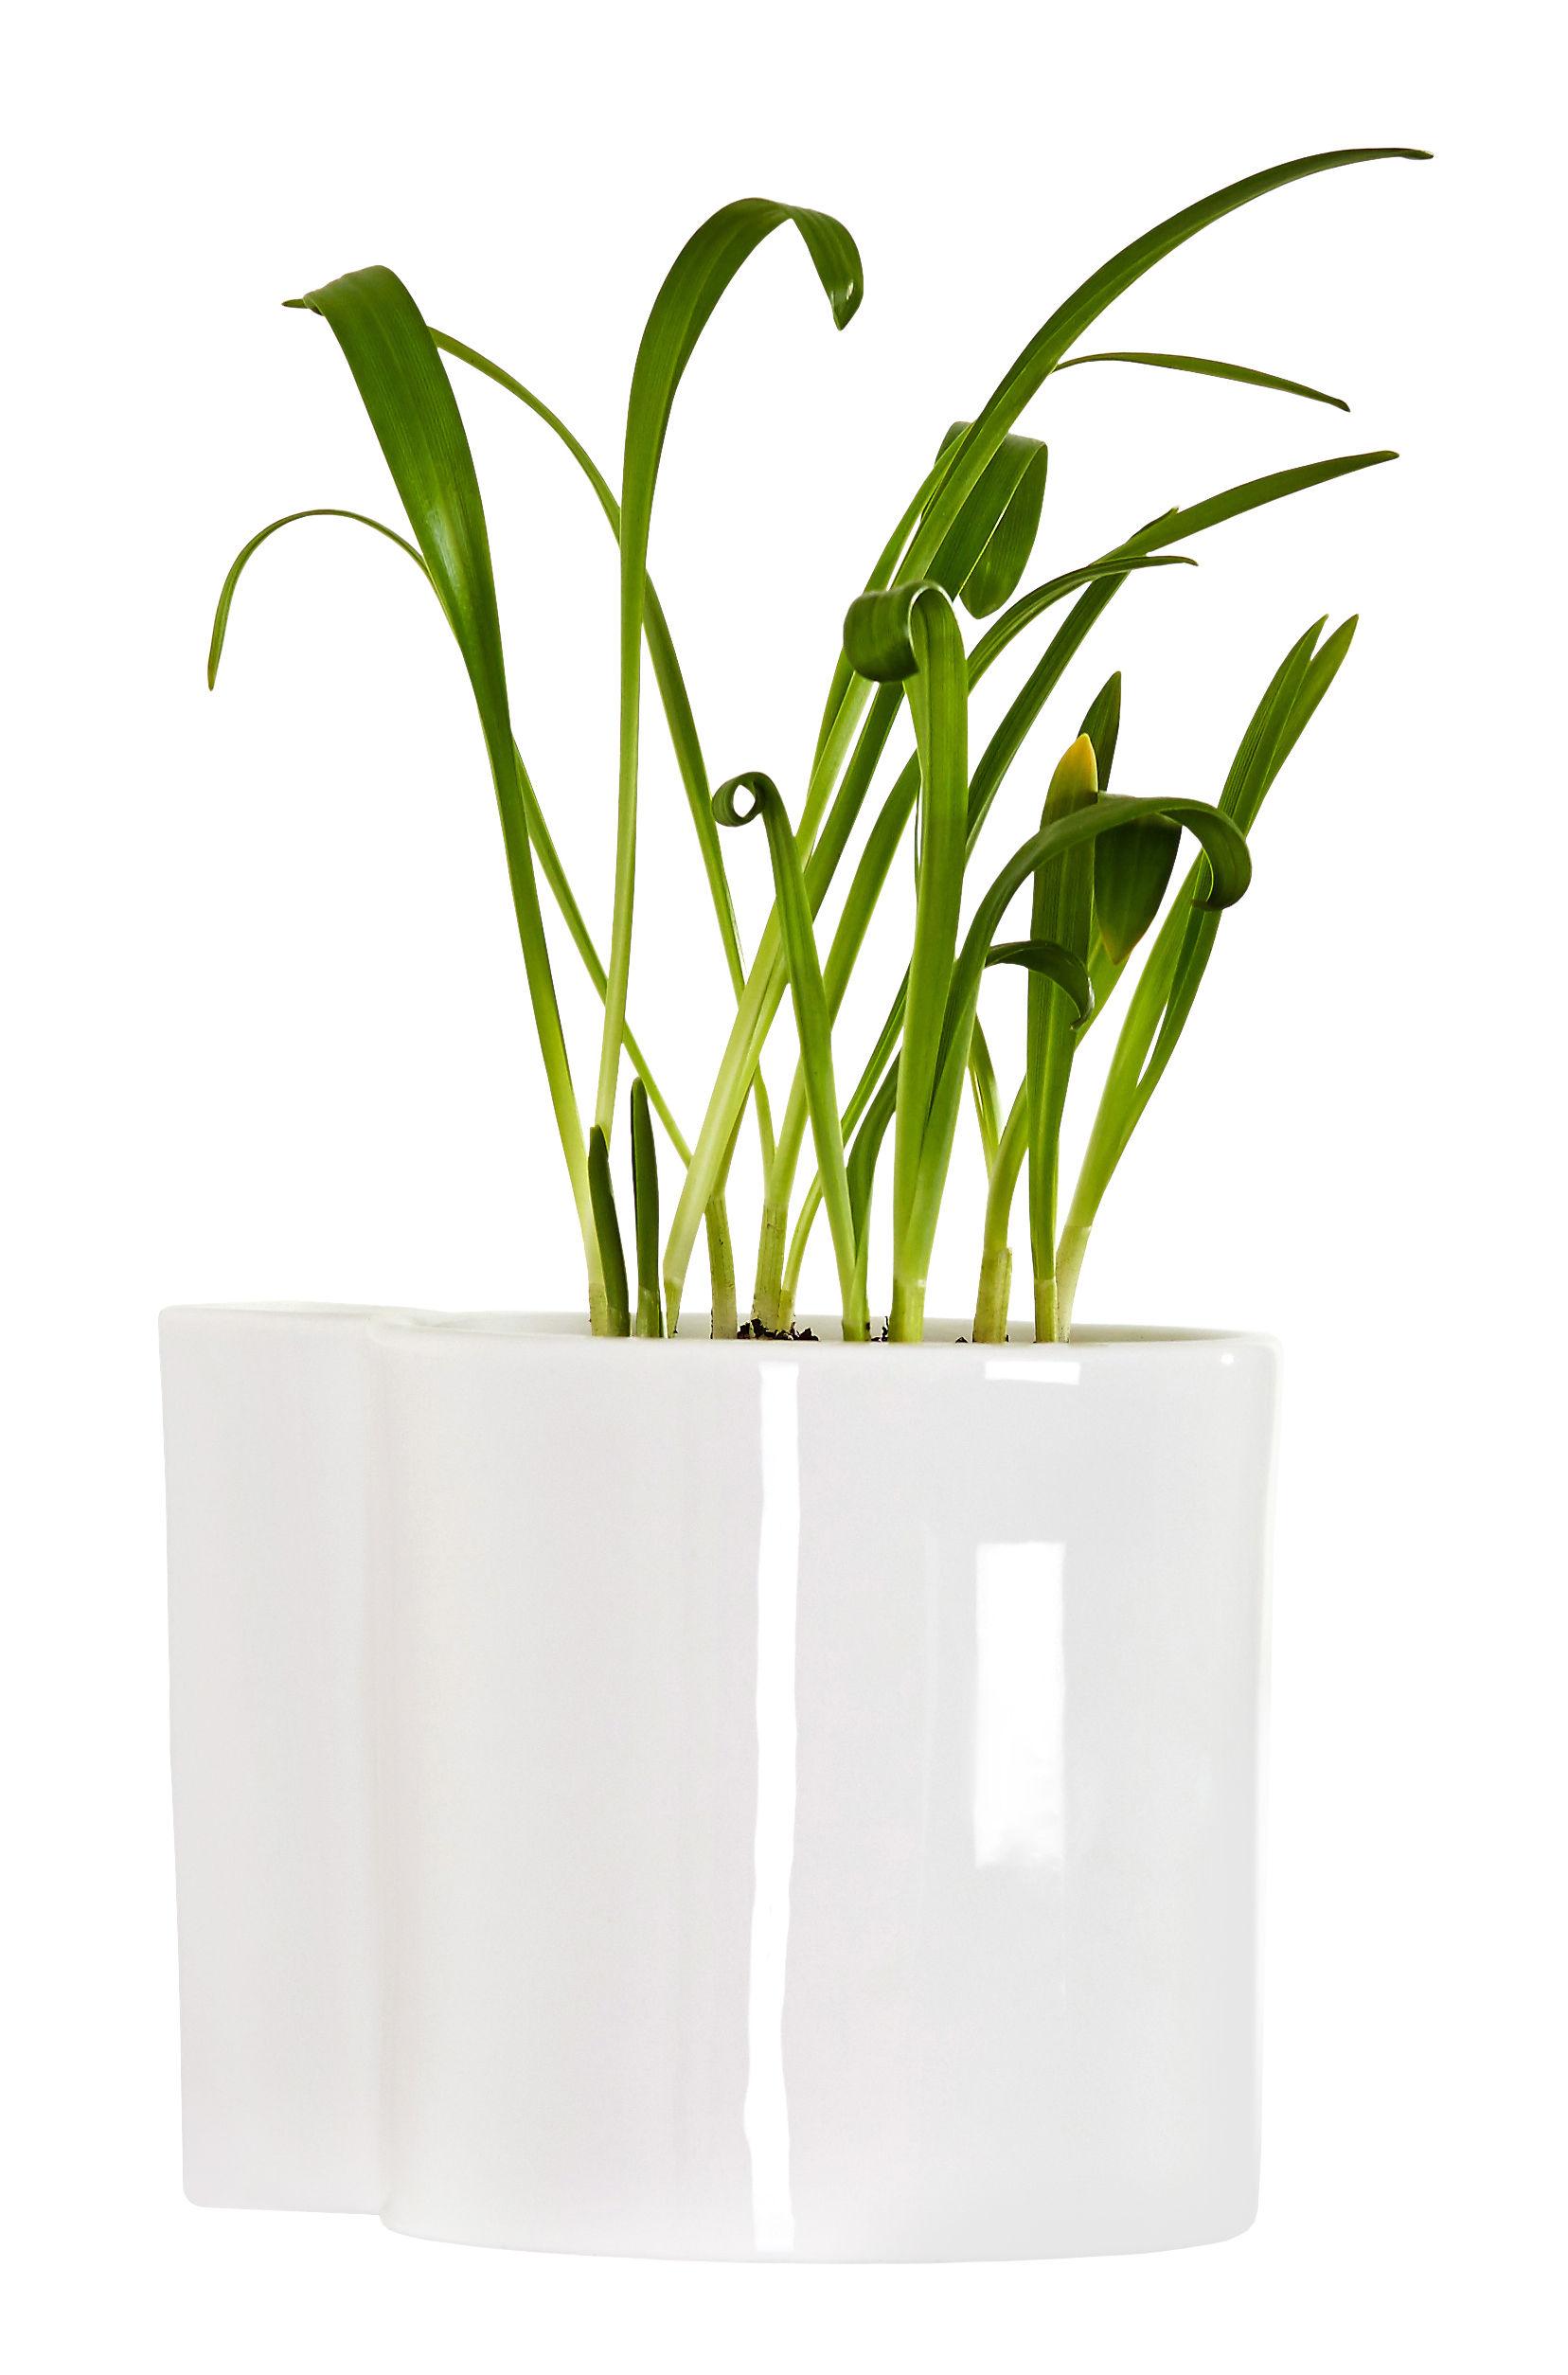 Jardin - Pots et plantes - Pot de fleurs mural Hover / Porcelaine - Ø 12 cm - Thelermont Hupton - Blanc - Porcelaine